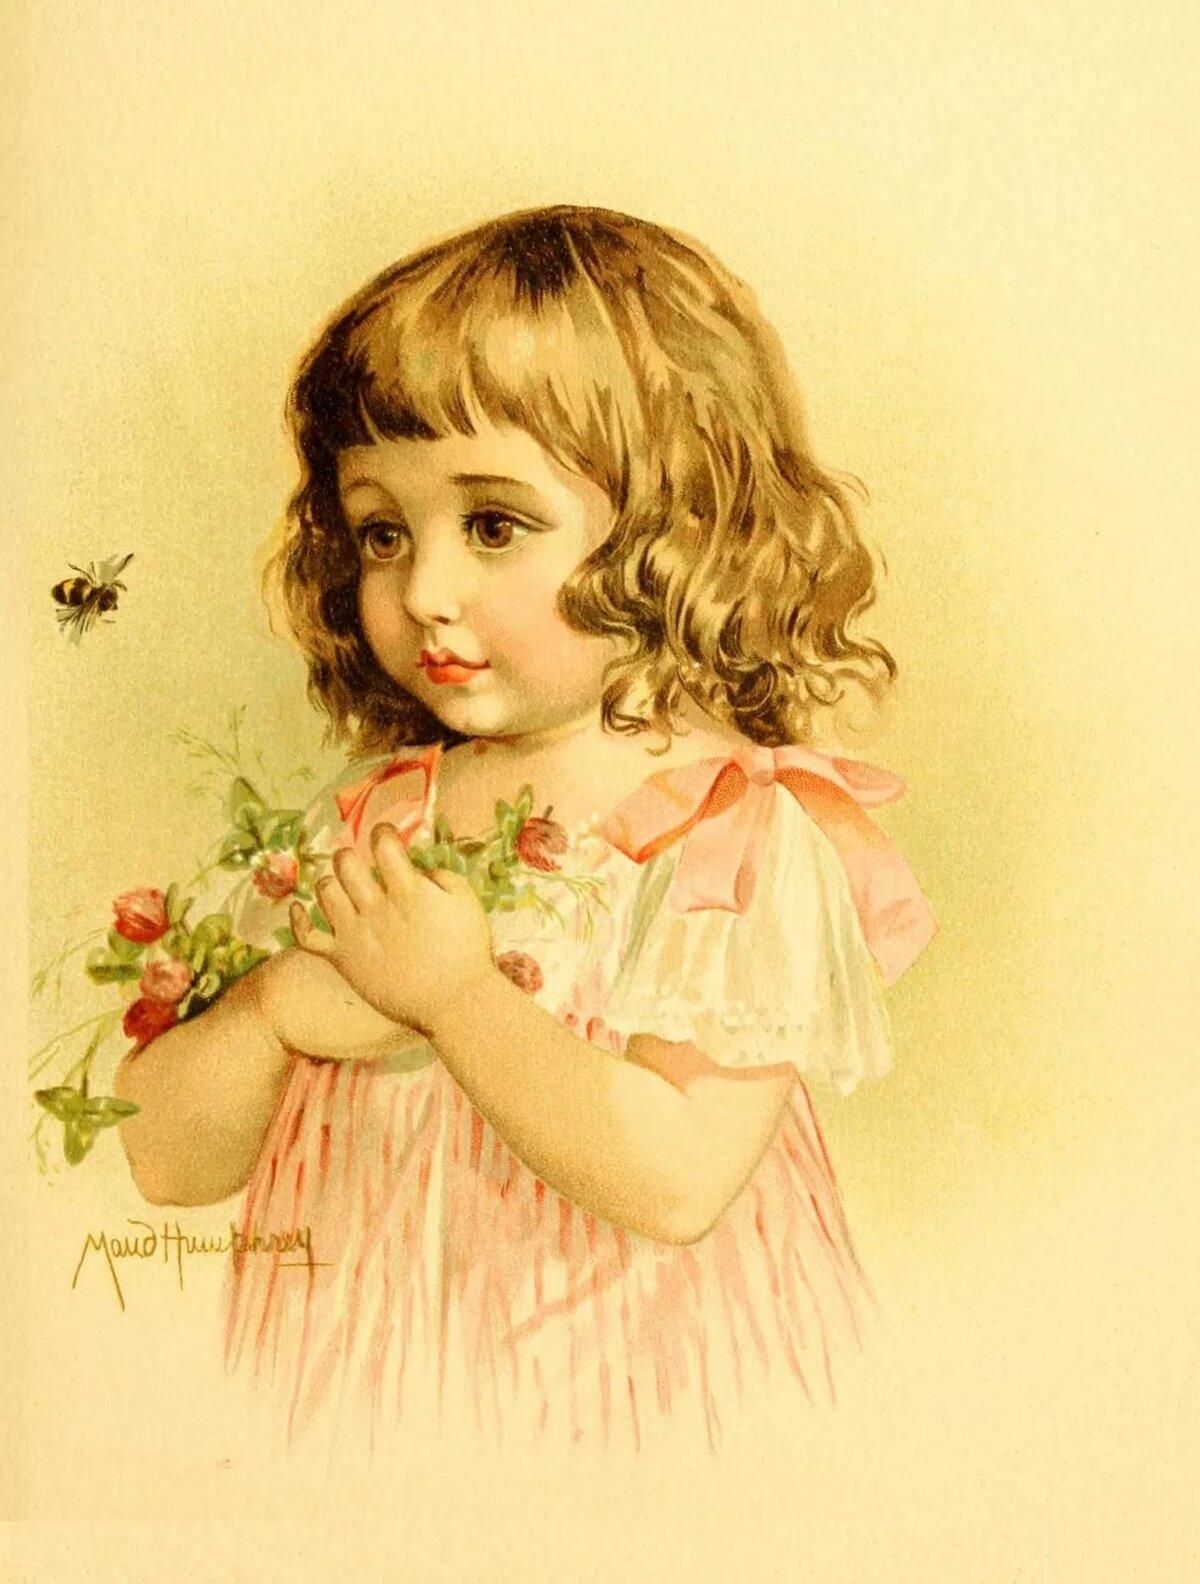 Картинки для декупажа дети ретро винтаж, открытки плейкасты днем